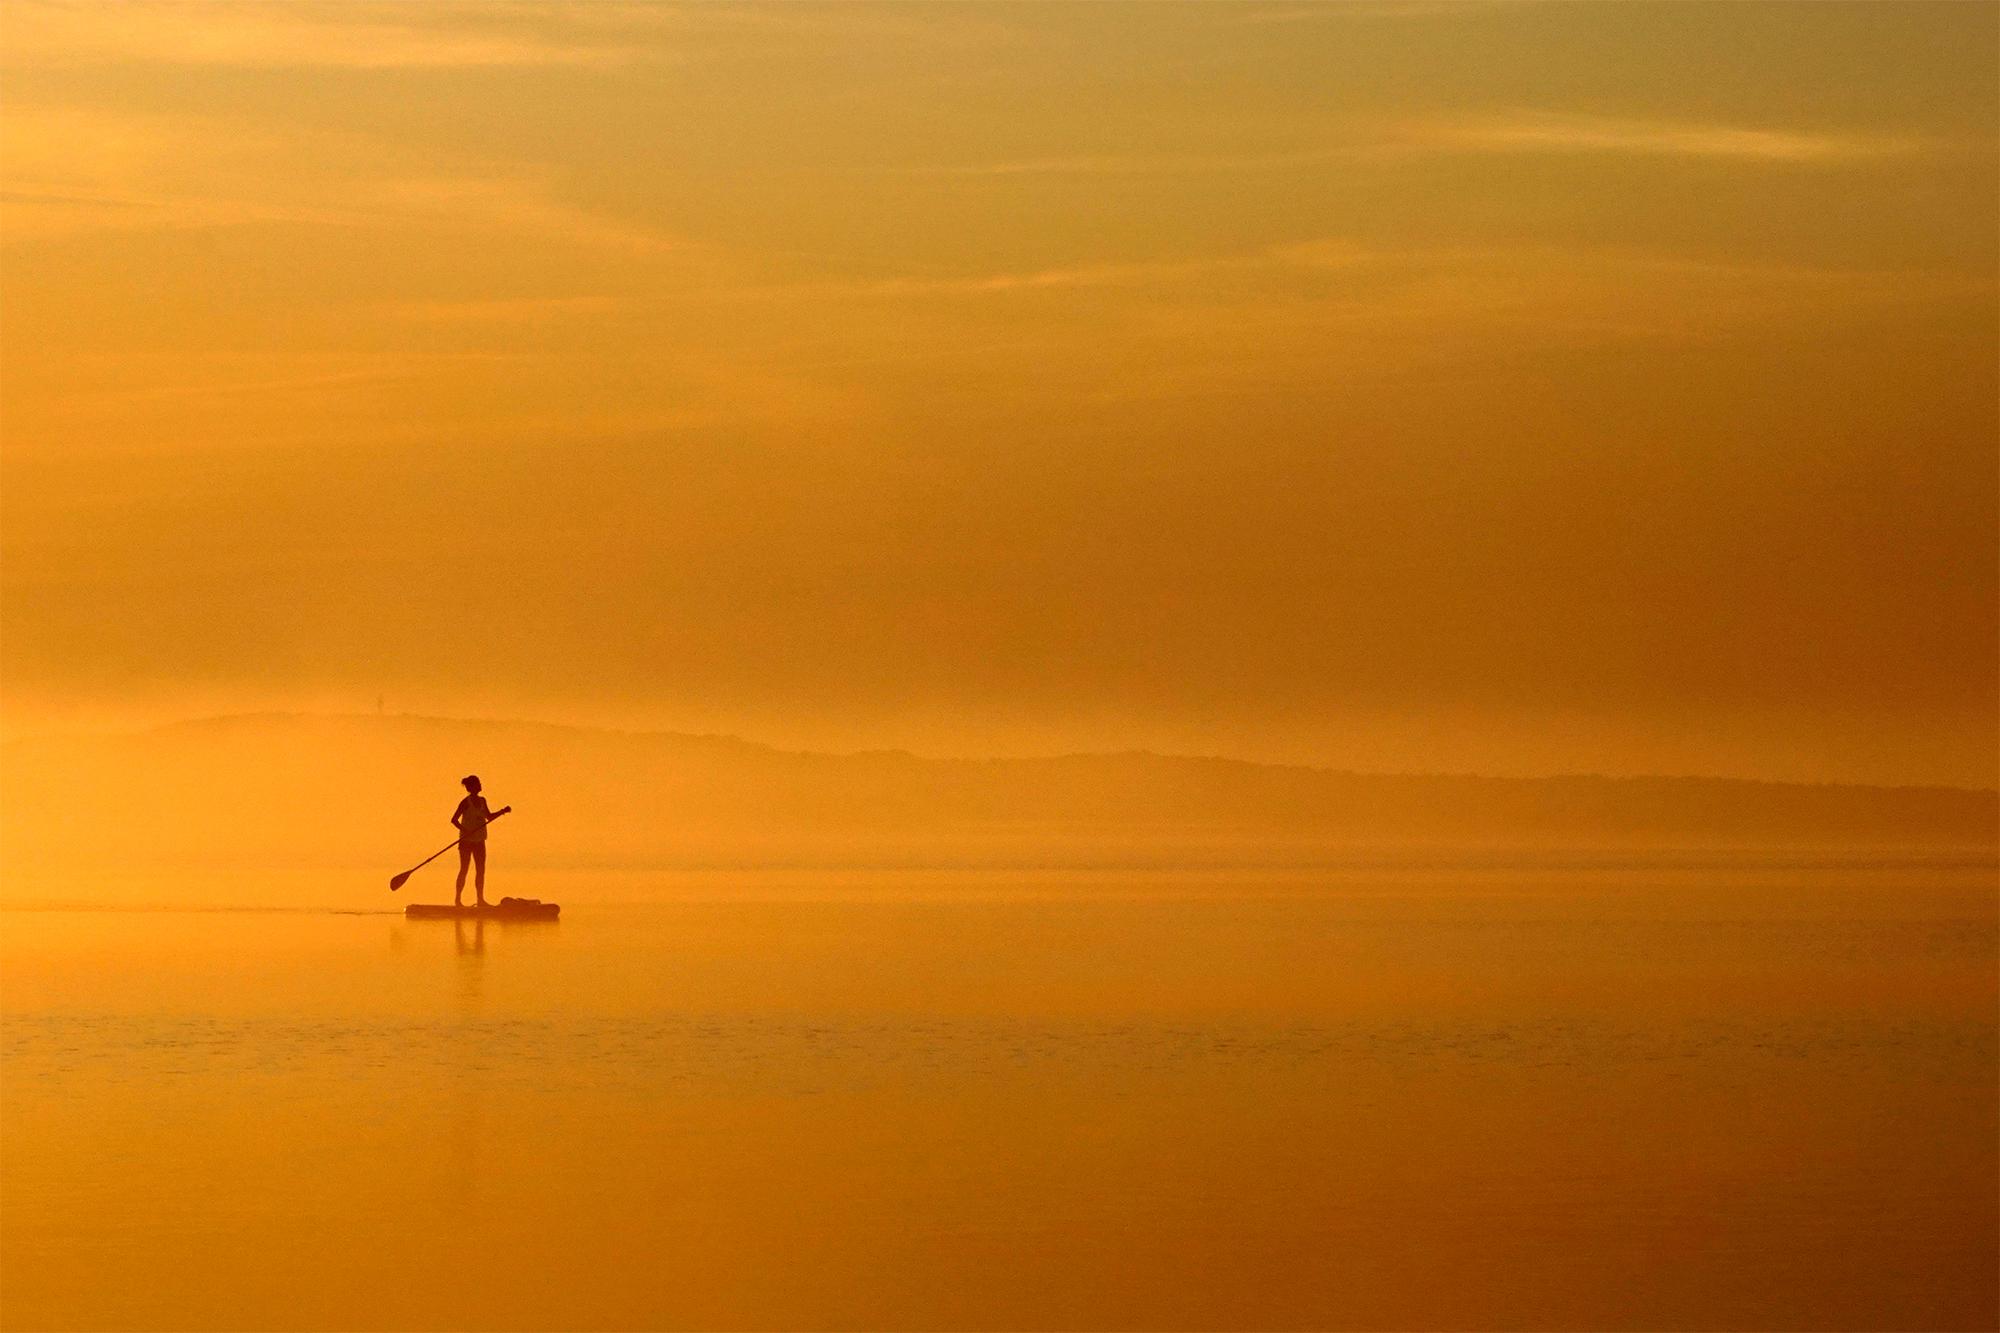 Stand Up Paddlerin im Morgennebel / Leinwand auf Keilrahmen 120 x 80 cm